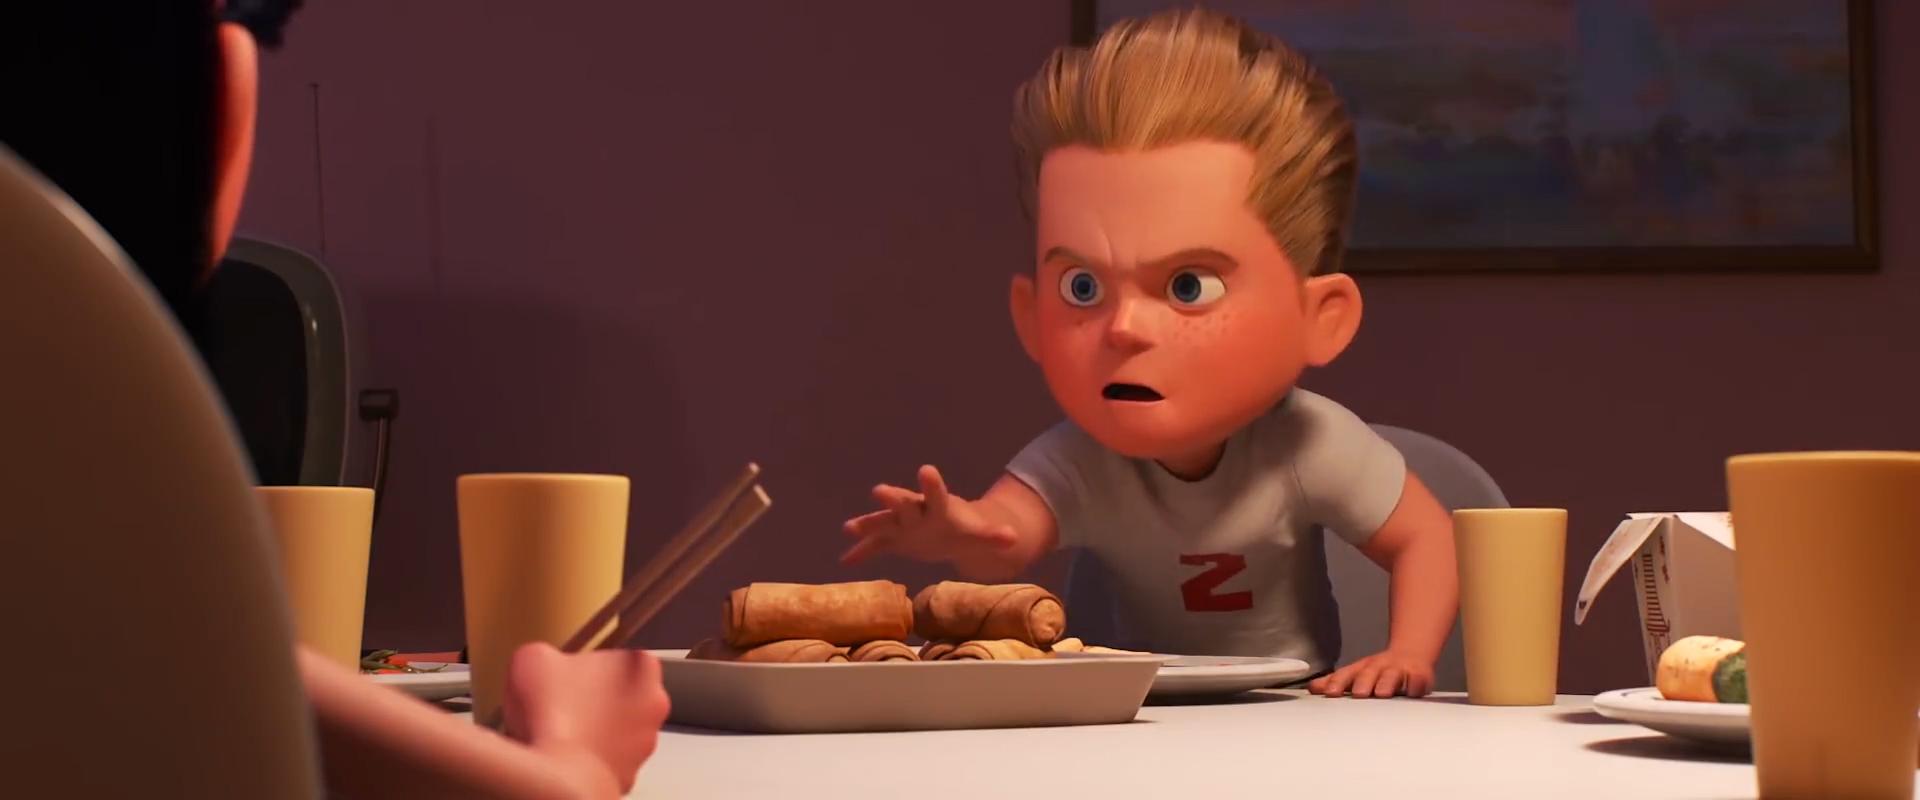 Incredibles 2 - UK Trailer